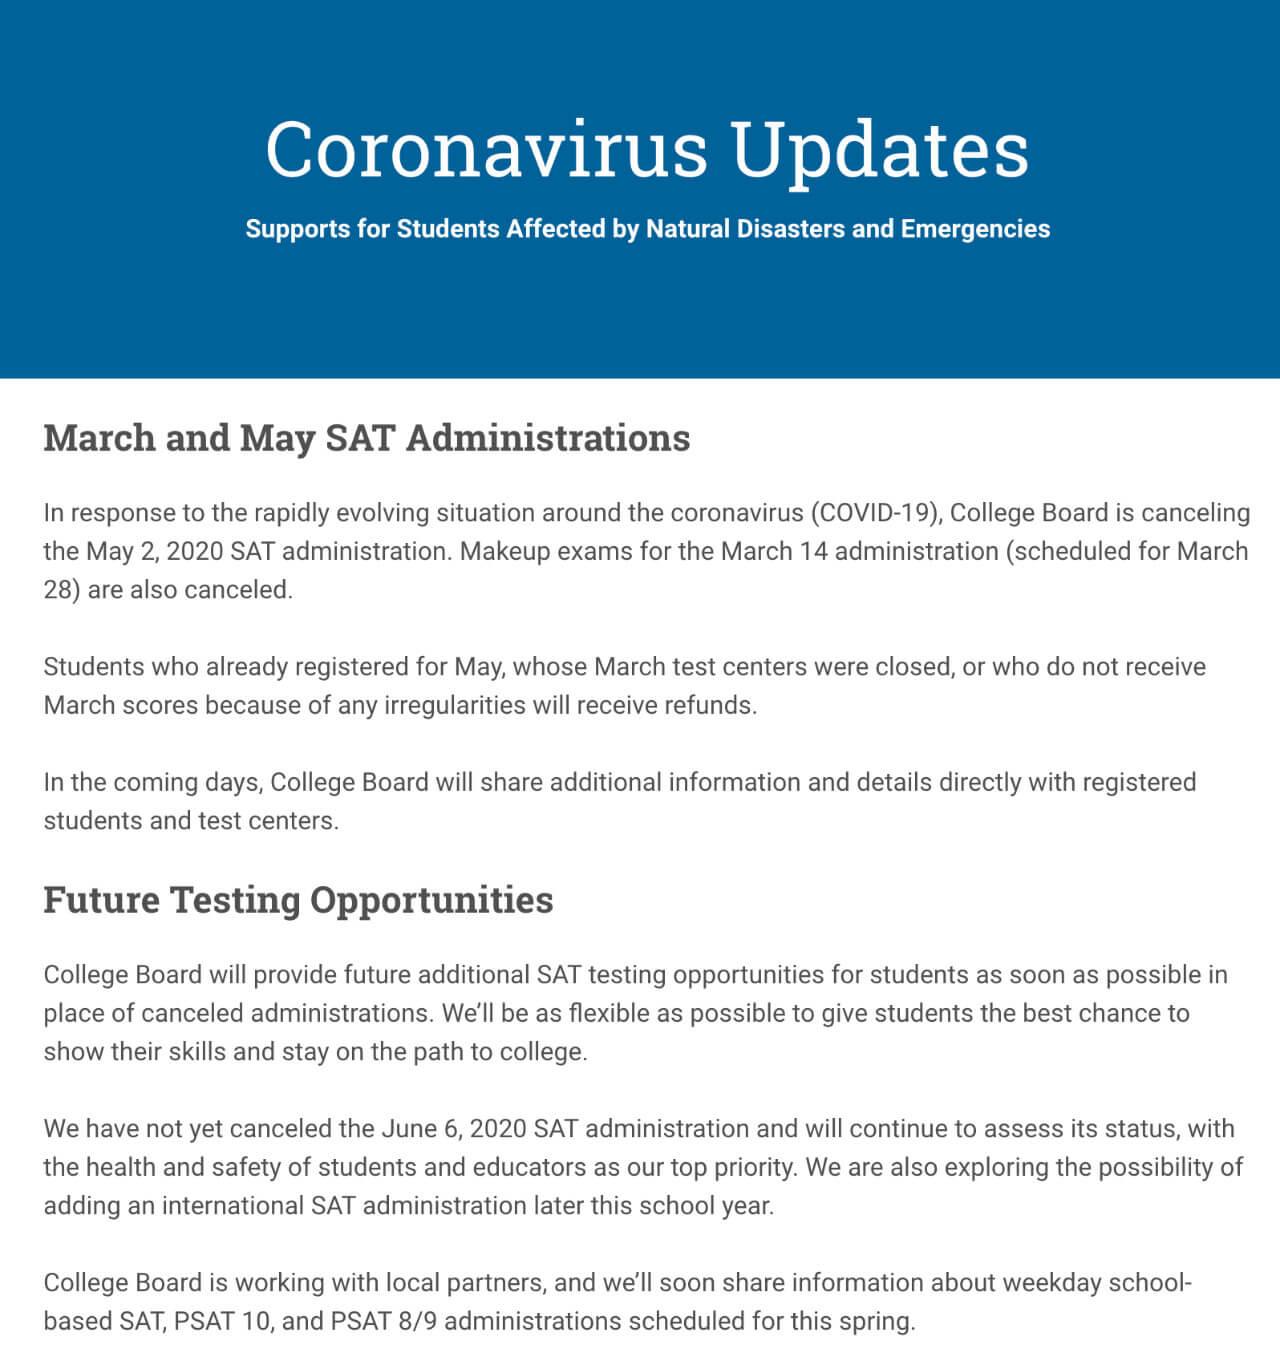 突发!CB宣布取消2020年5月SAT及3月SAT补考!AP或转为线上考试?-TestDaily厚朴优学